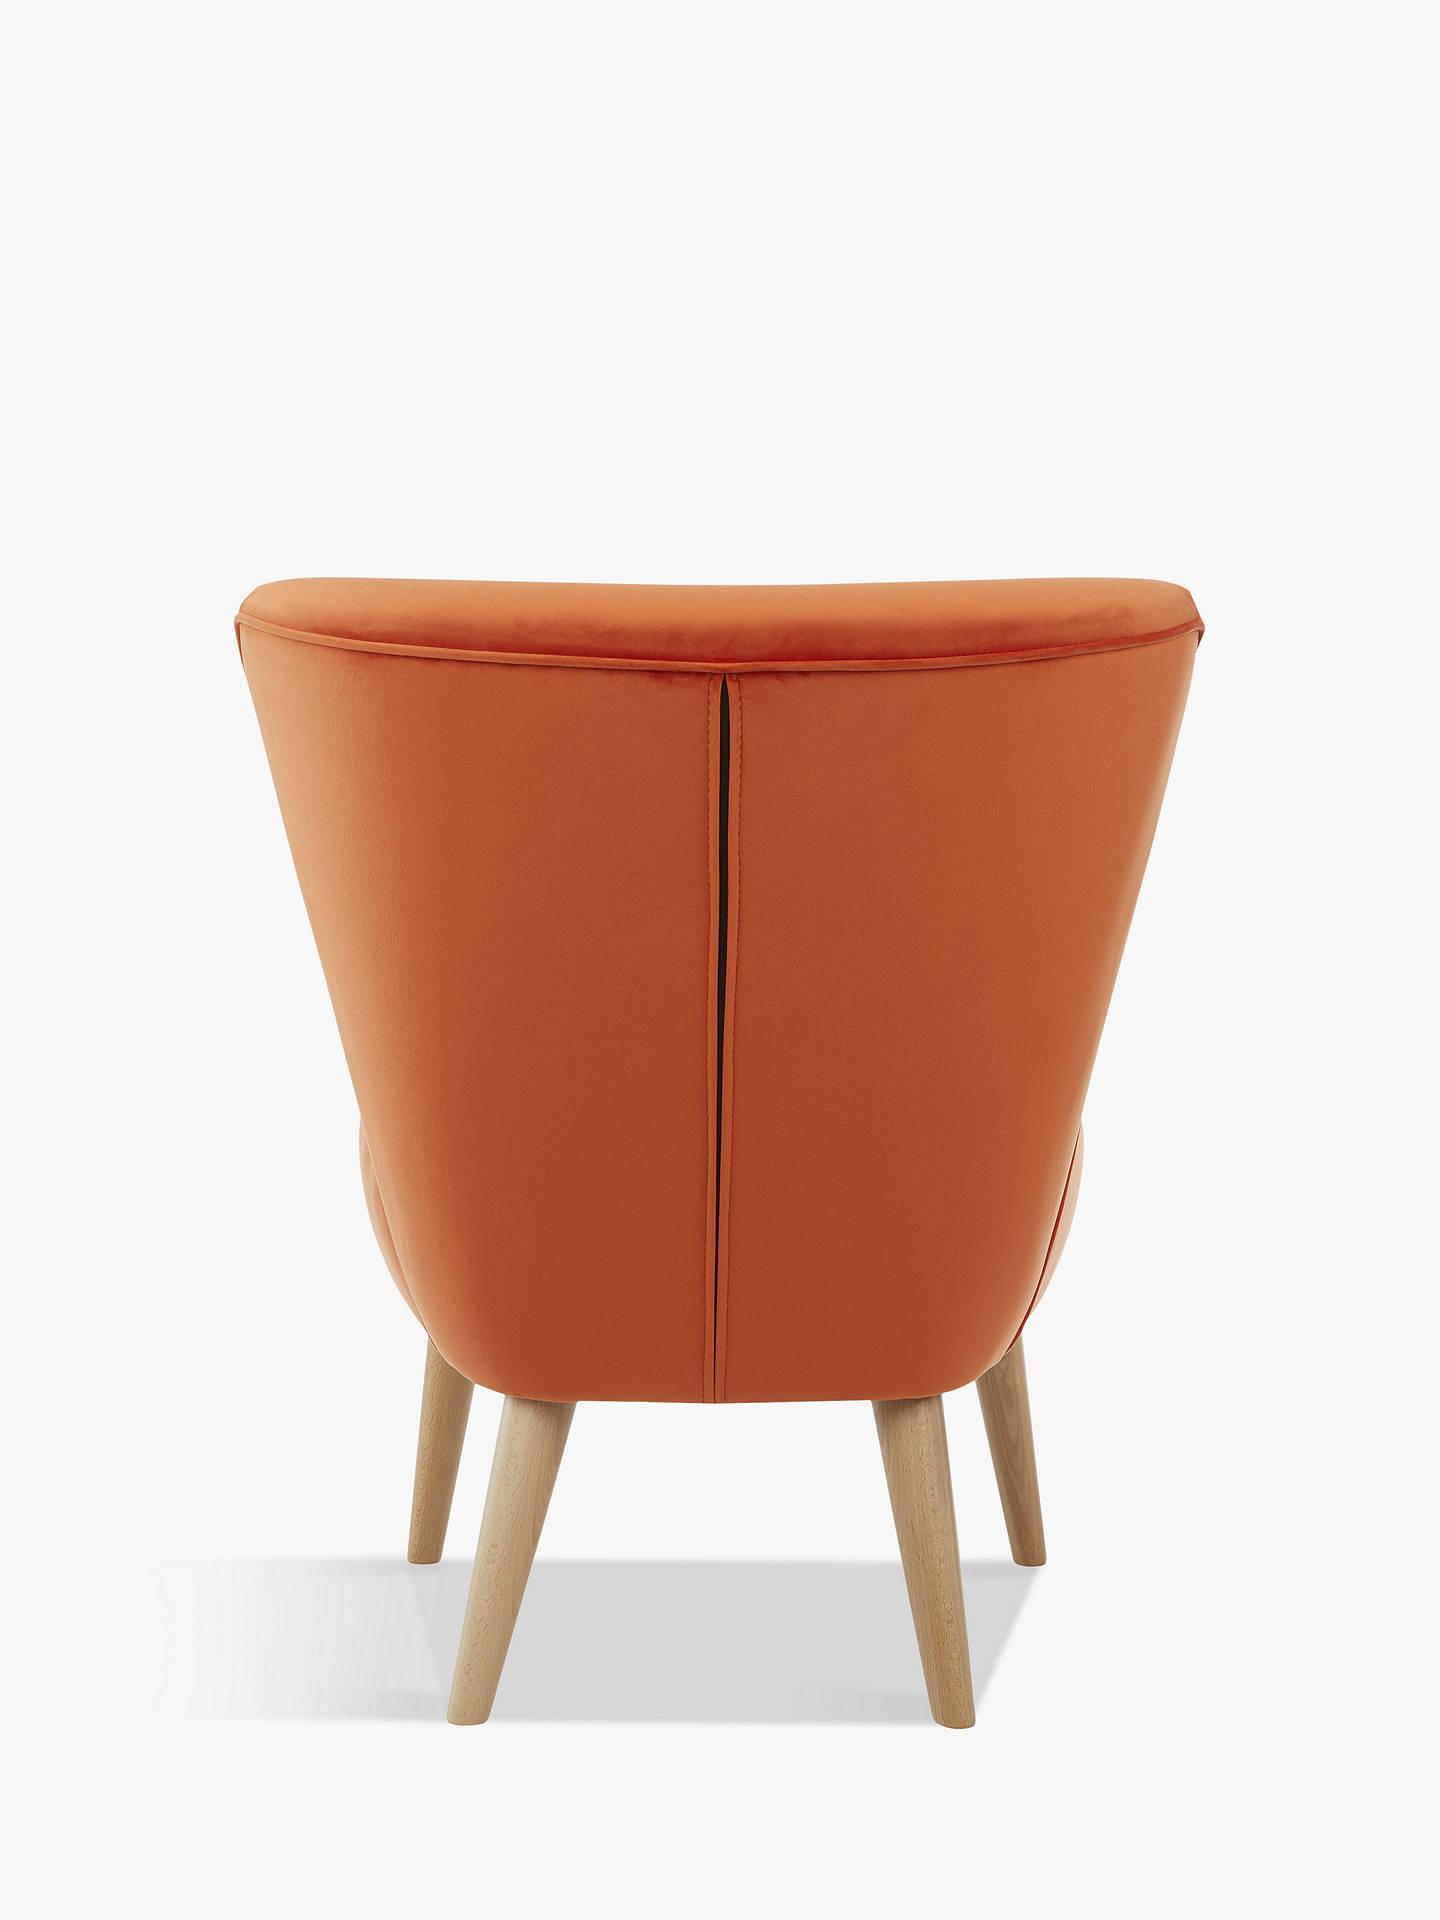 Surprising John Lewis Partners Audrey Accent Chair Light Leg Velvet Orange Machost Co Dining Chair Design Ideas Machostcouk